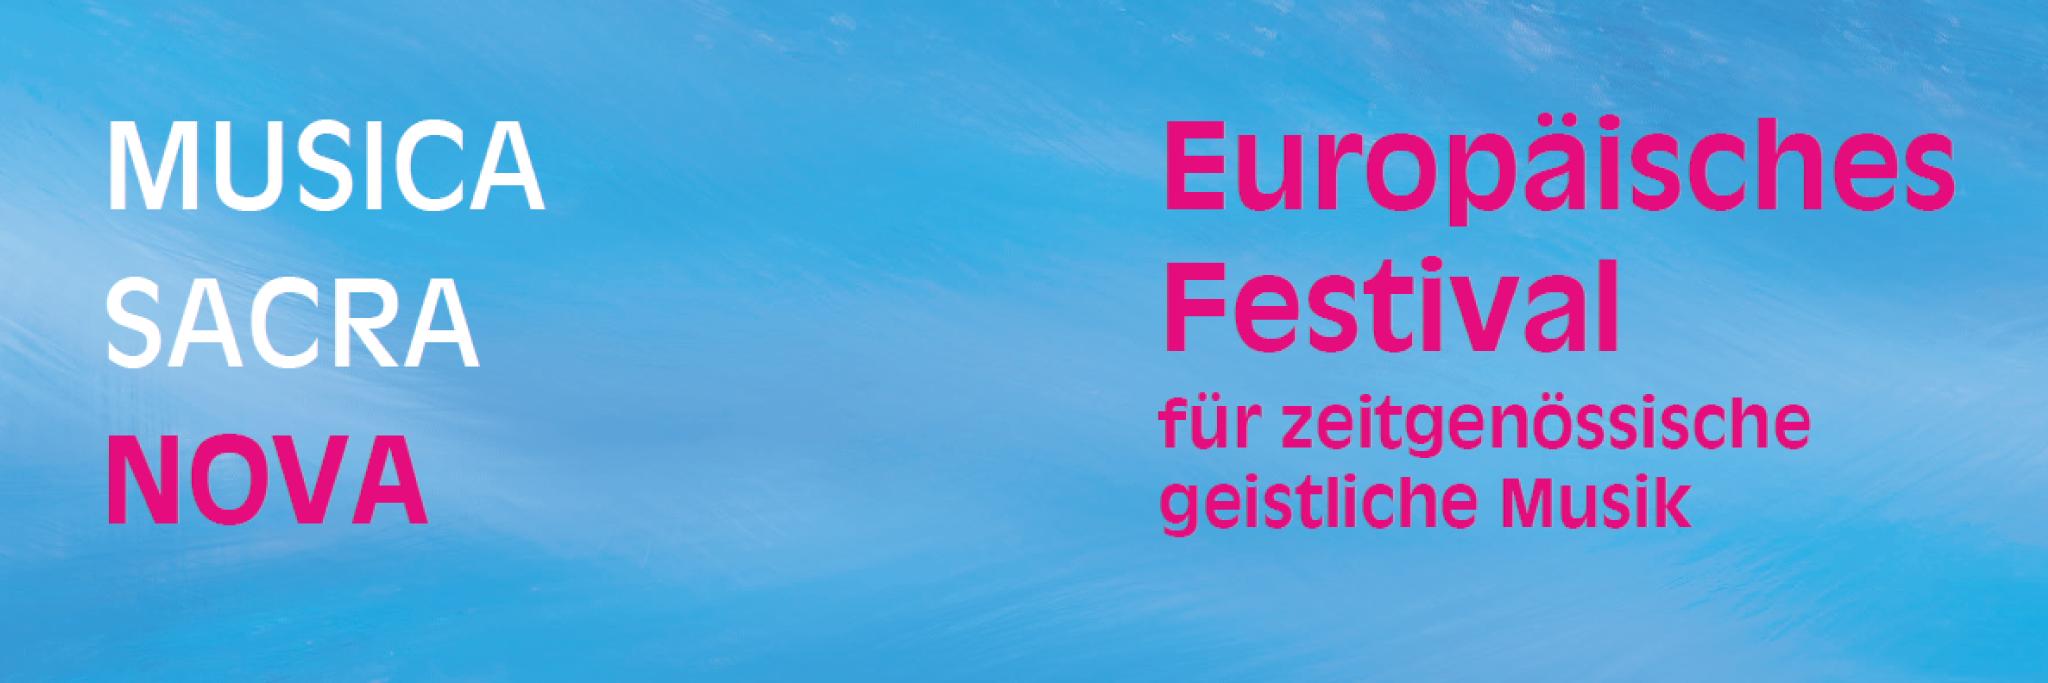 grafika przedstawia fragment plakatu Musica Sacra Nova, błękitne tło, w lewym górnym rogu napis Musica Sacra Nova, obok nazwa festiwalu Europaisches Festival